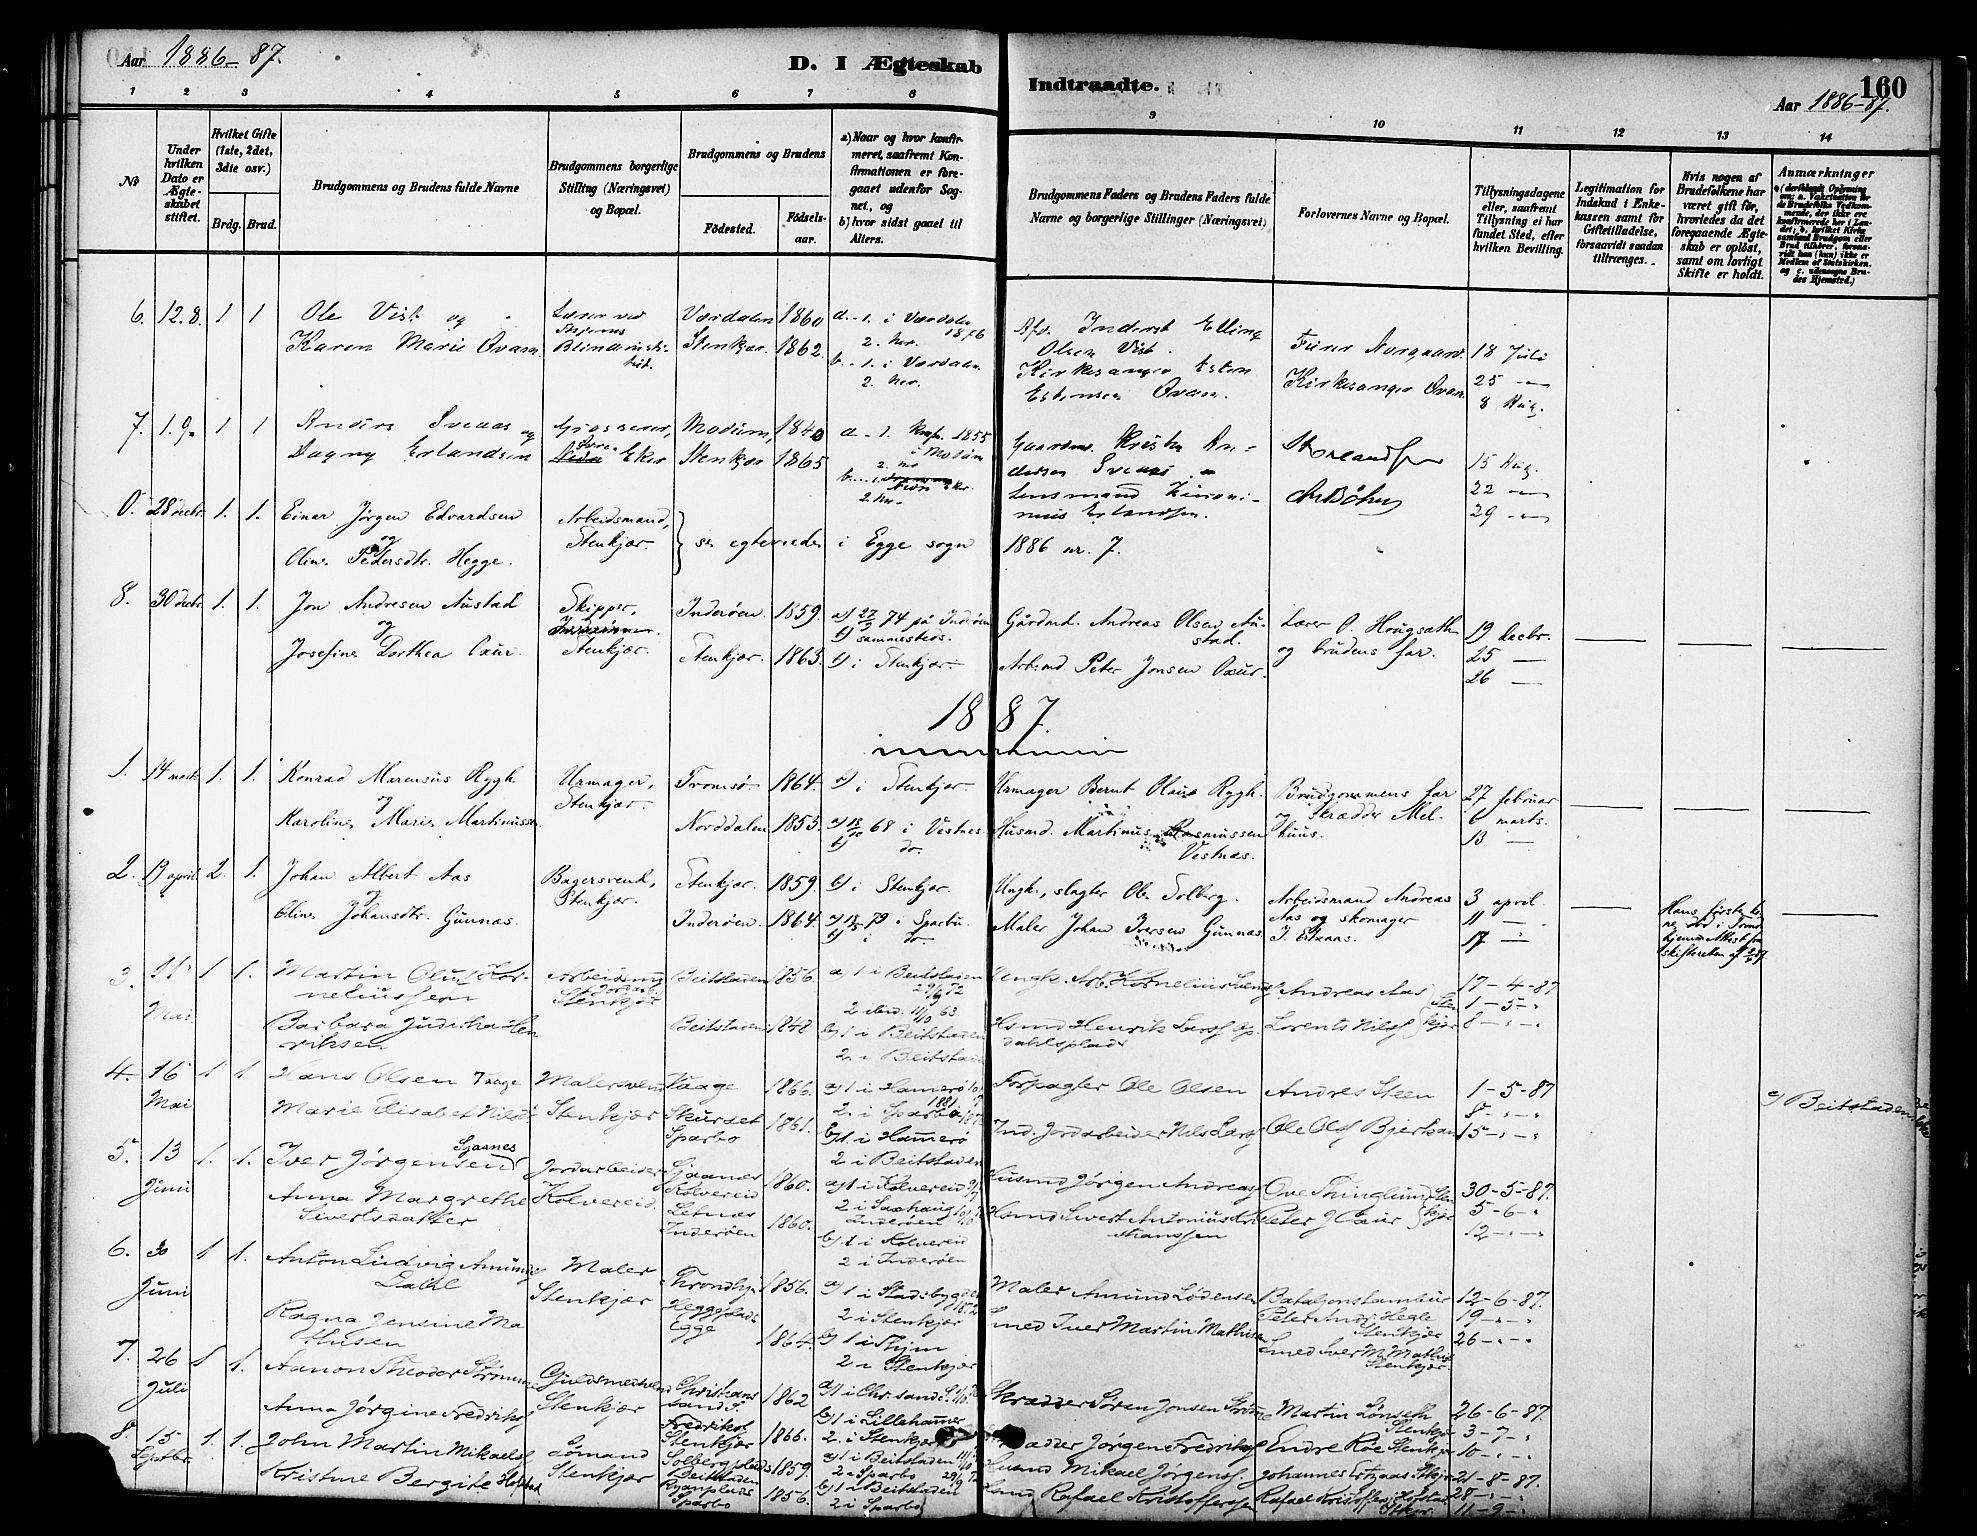 SAT, Ministerialprotokoller, klokkerbøker og fødselsregistre - Nord-Trøndelag, 739/L0371: Ministerialbok nr. 739A03, 1881-1895, s. 160